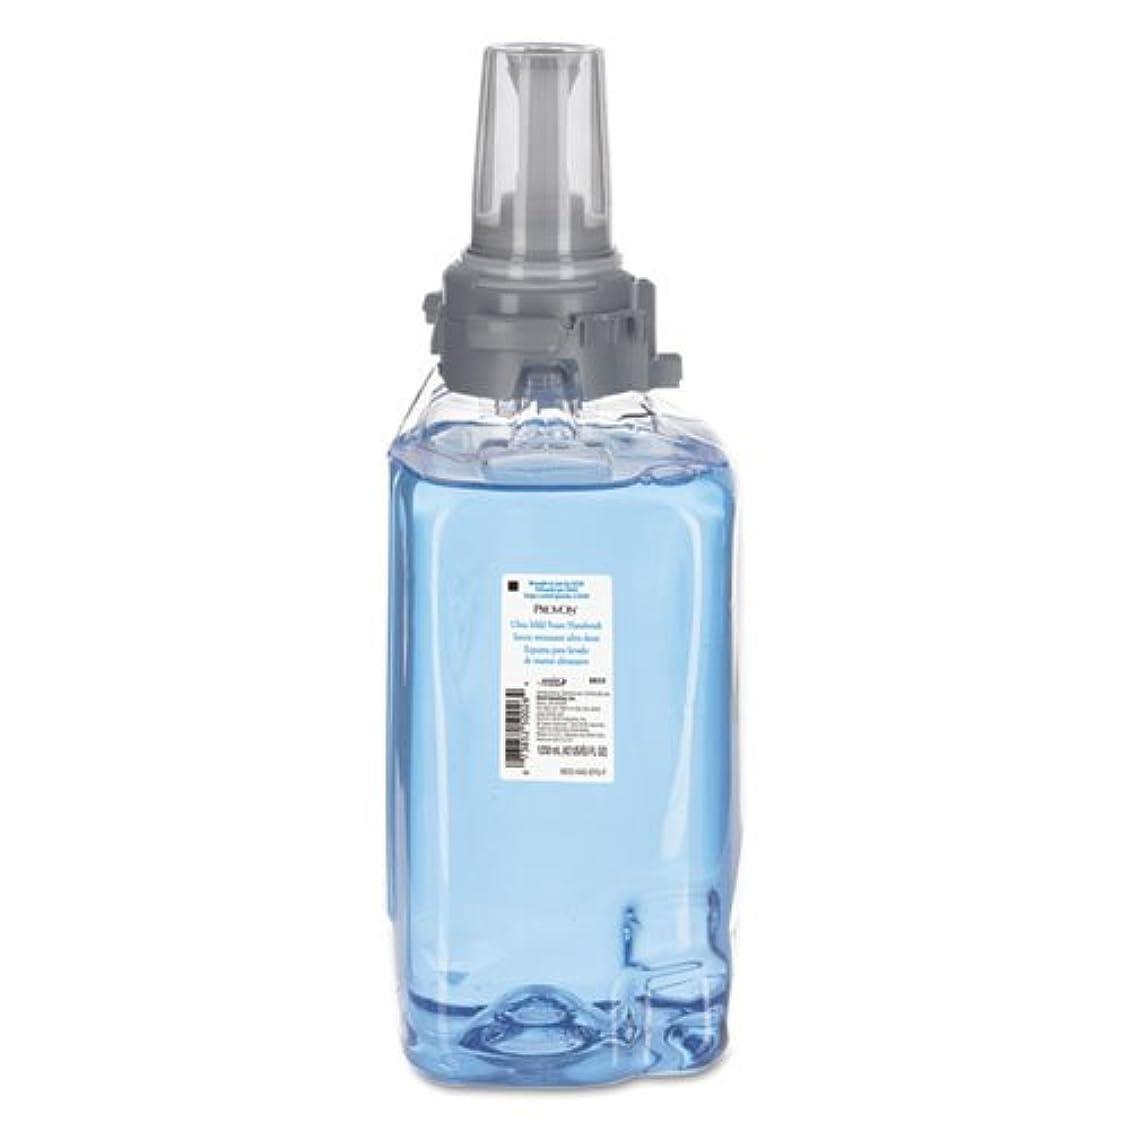 準備したキルト控えるGOJO 超中性フォームハンドウォッシュ、フレッシュな香り、1250ml詰め替え、3/カートン。